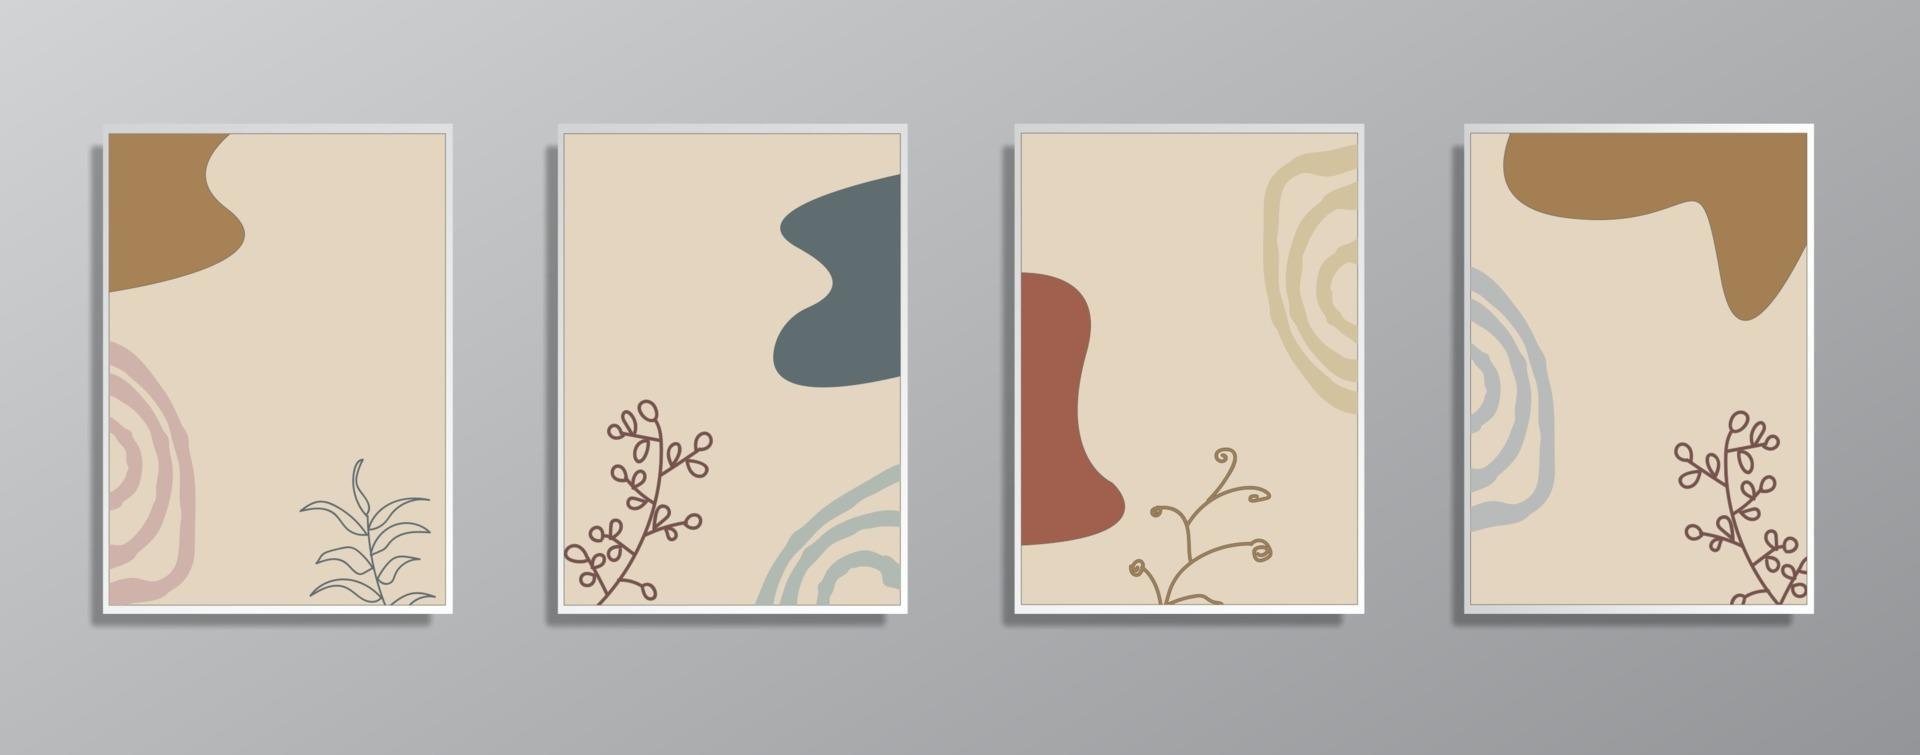 ensemble d'illustrations de couleur neutre vintage dessinés à la main minimaliste créatif, pour mur. pour carte-cadeau, affiche sur le modèle d'affiche de mur, page de destination, ui, ux, coverbook, baner, vecteur